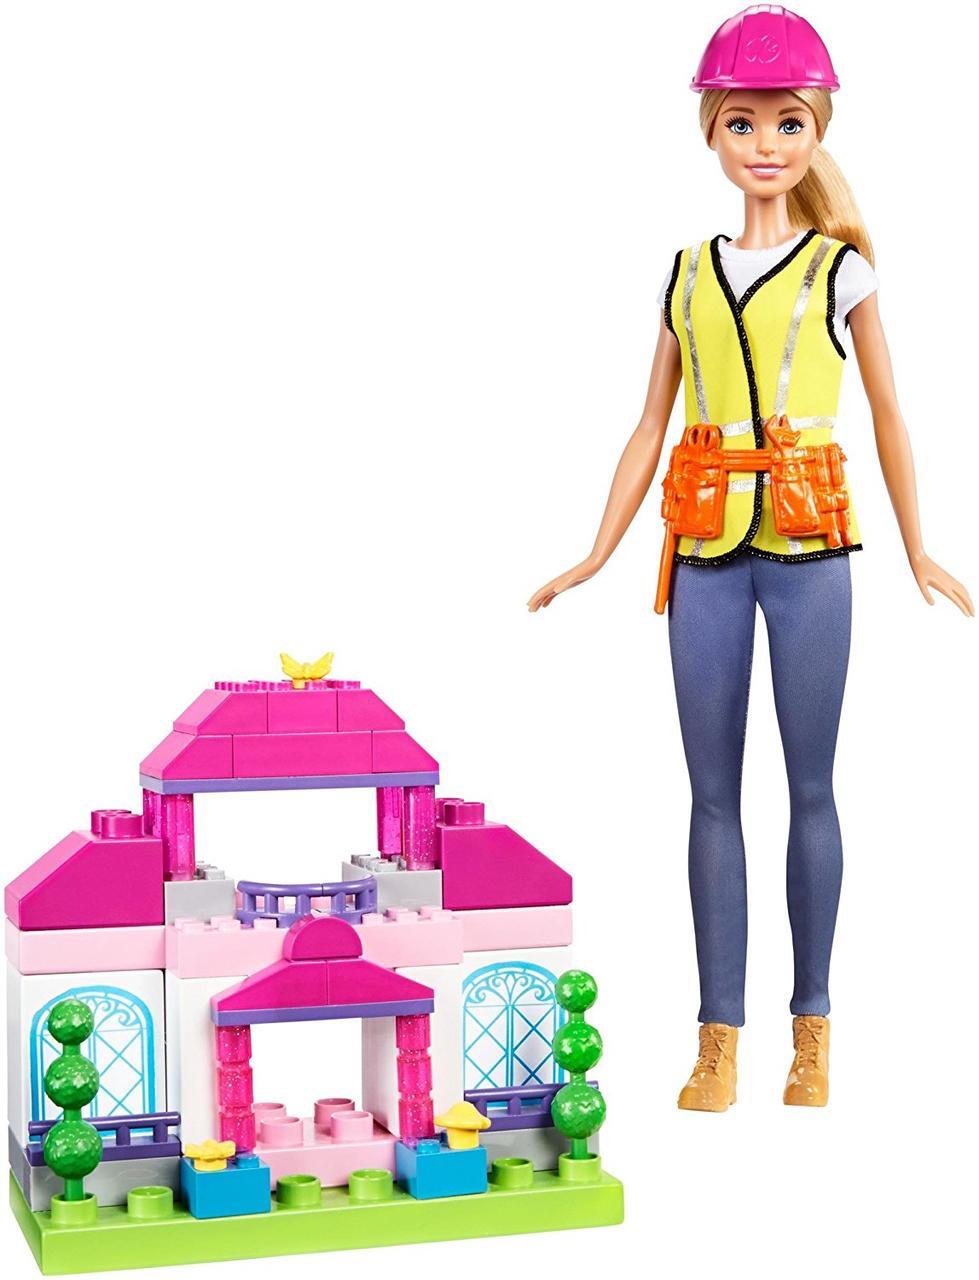 Barbie Игровой набор Барби строитель Builder Doll Playset Blonde